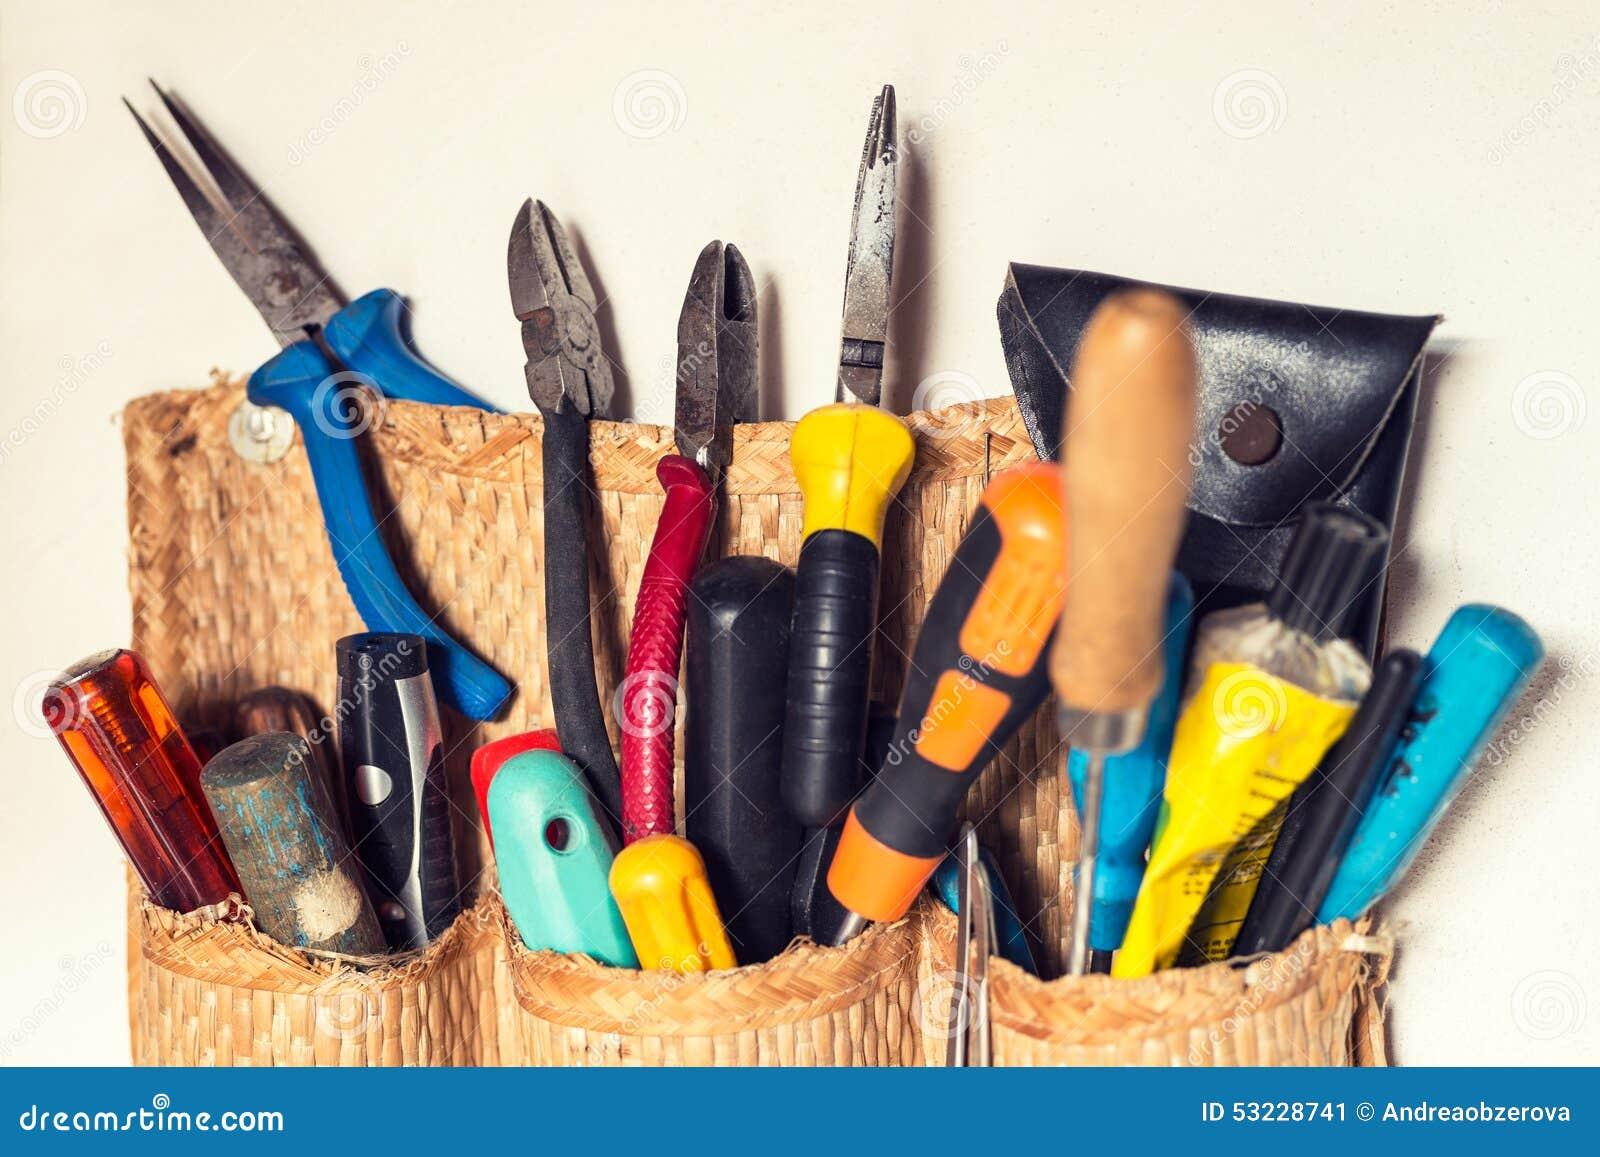 Ensemble de divers outils de bricoleur